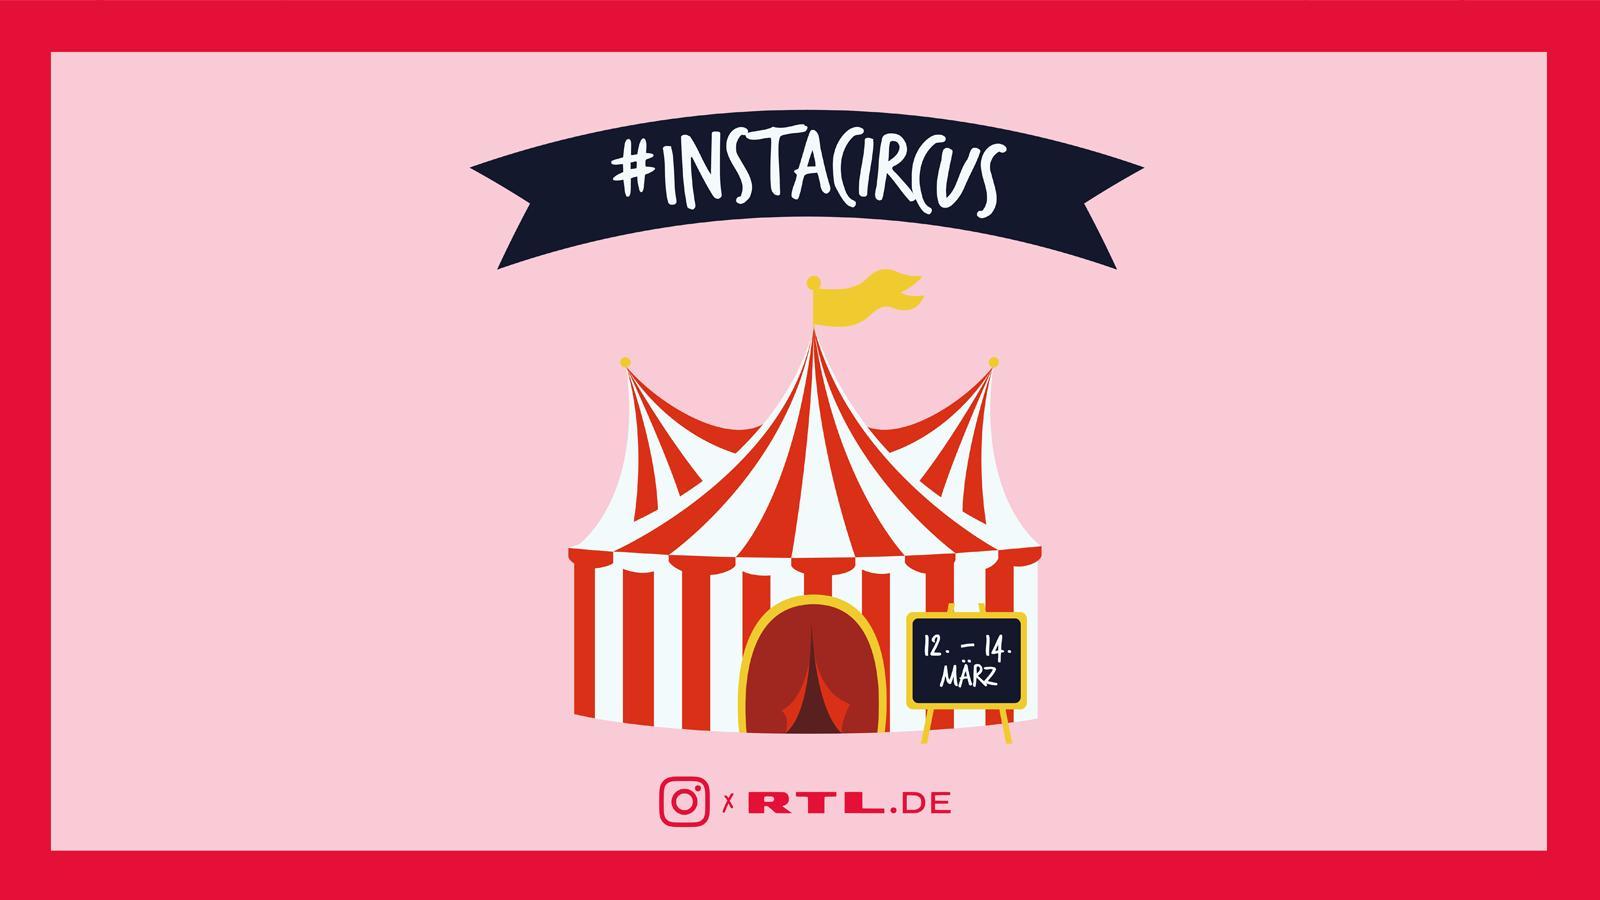 RTL x Instagram starten gemeinsam den #InstaCircus